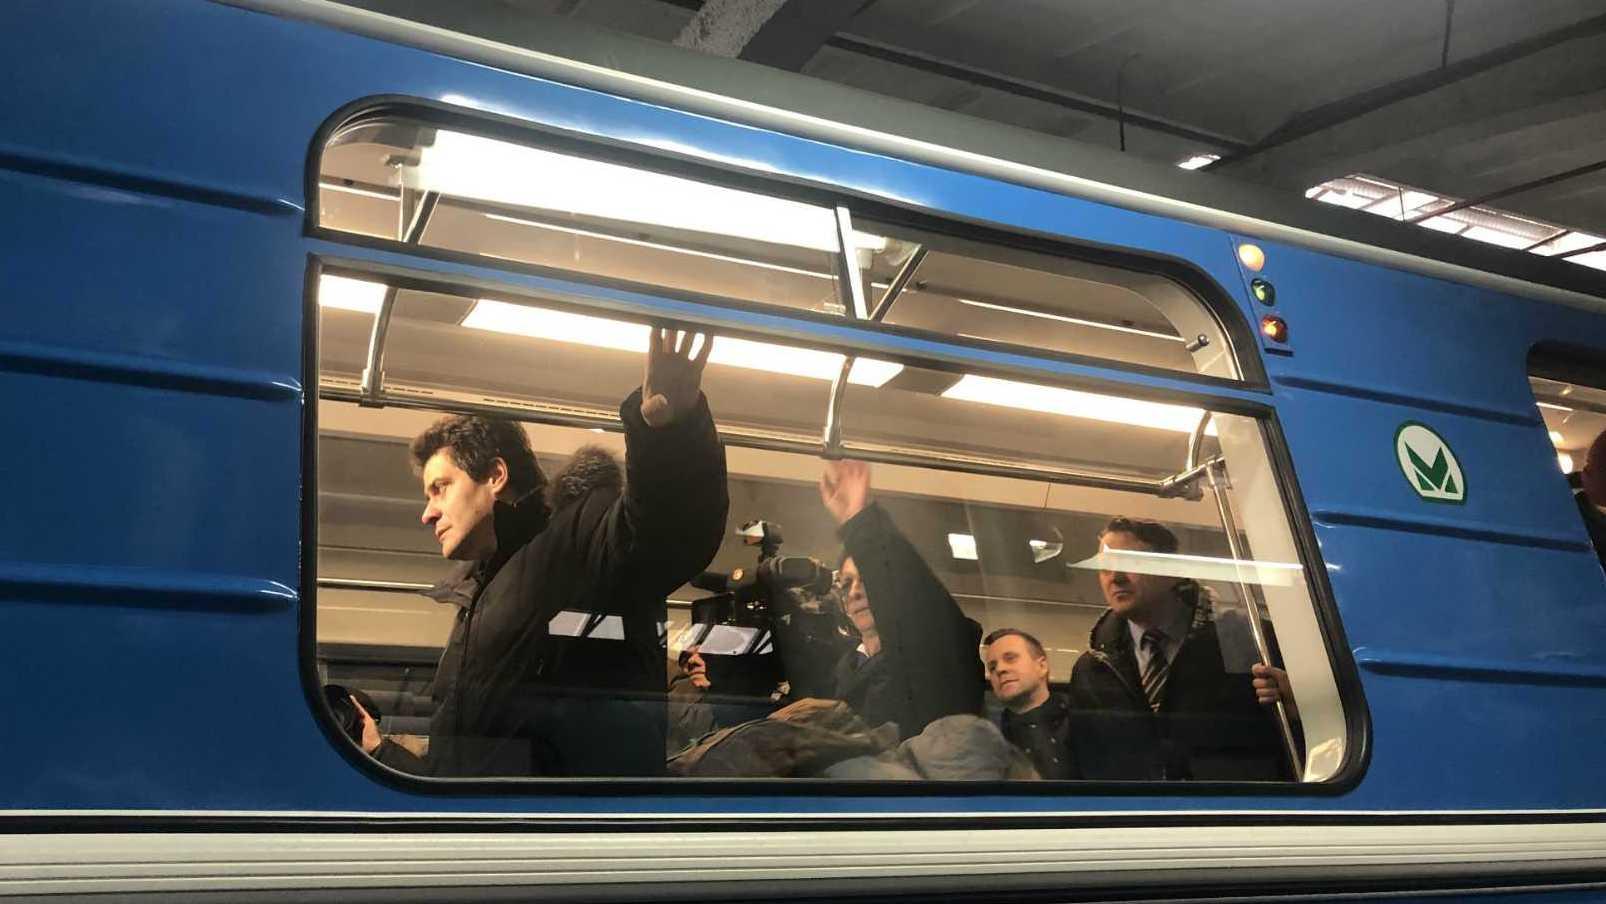 Все хотят вторую ветку метро, но перестали пользоваться первой. Что происходит?